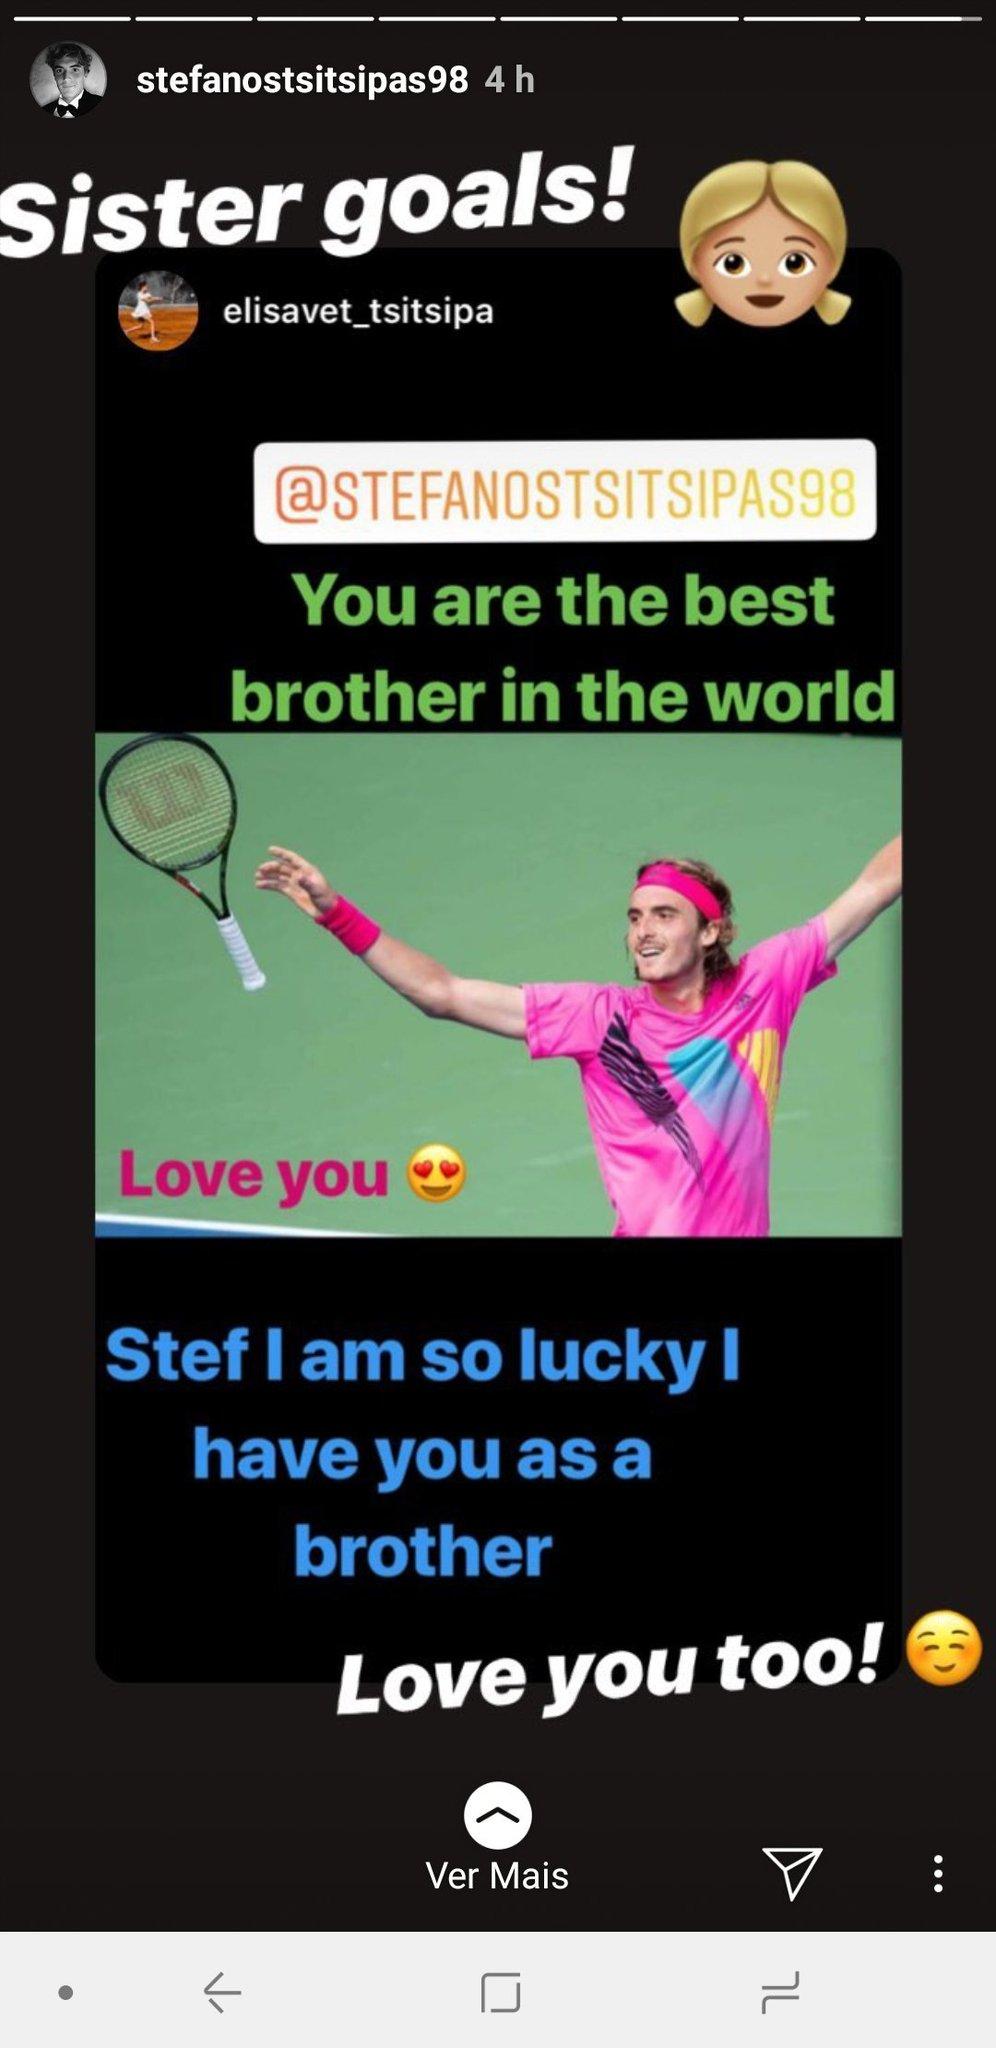 Stefans Of Tsitsipas On Twitter That Sibling Love On Instagram